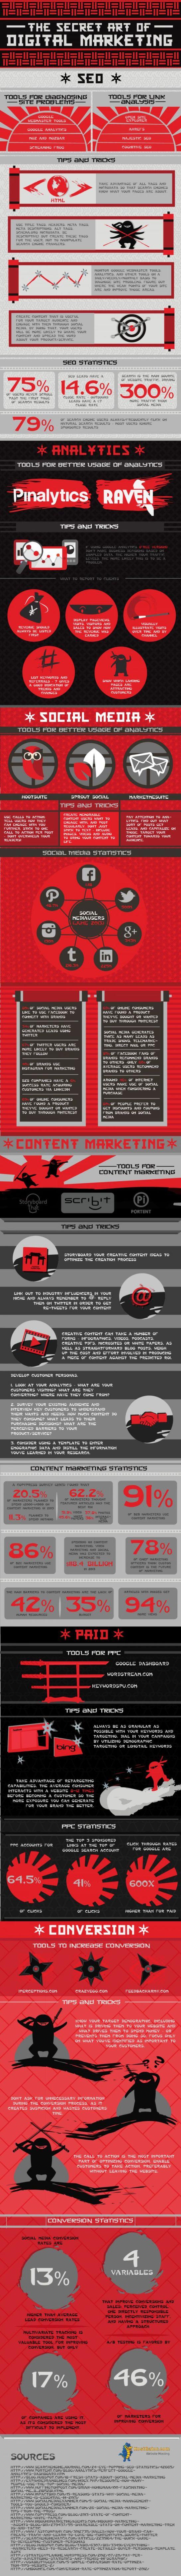 Infographie sur les secrets du digital marketing - Logiciel de veille AUTOVEILLE